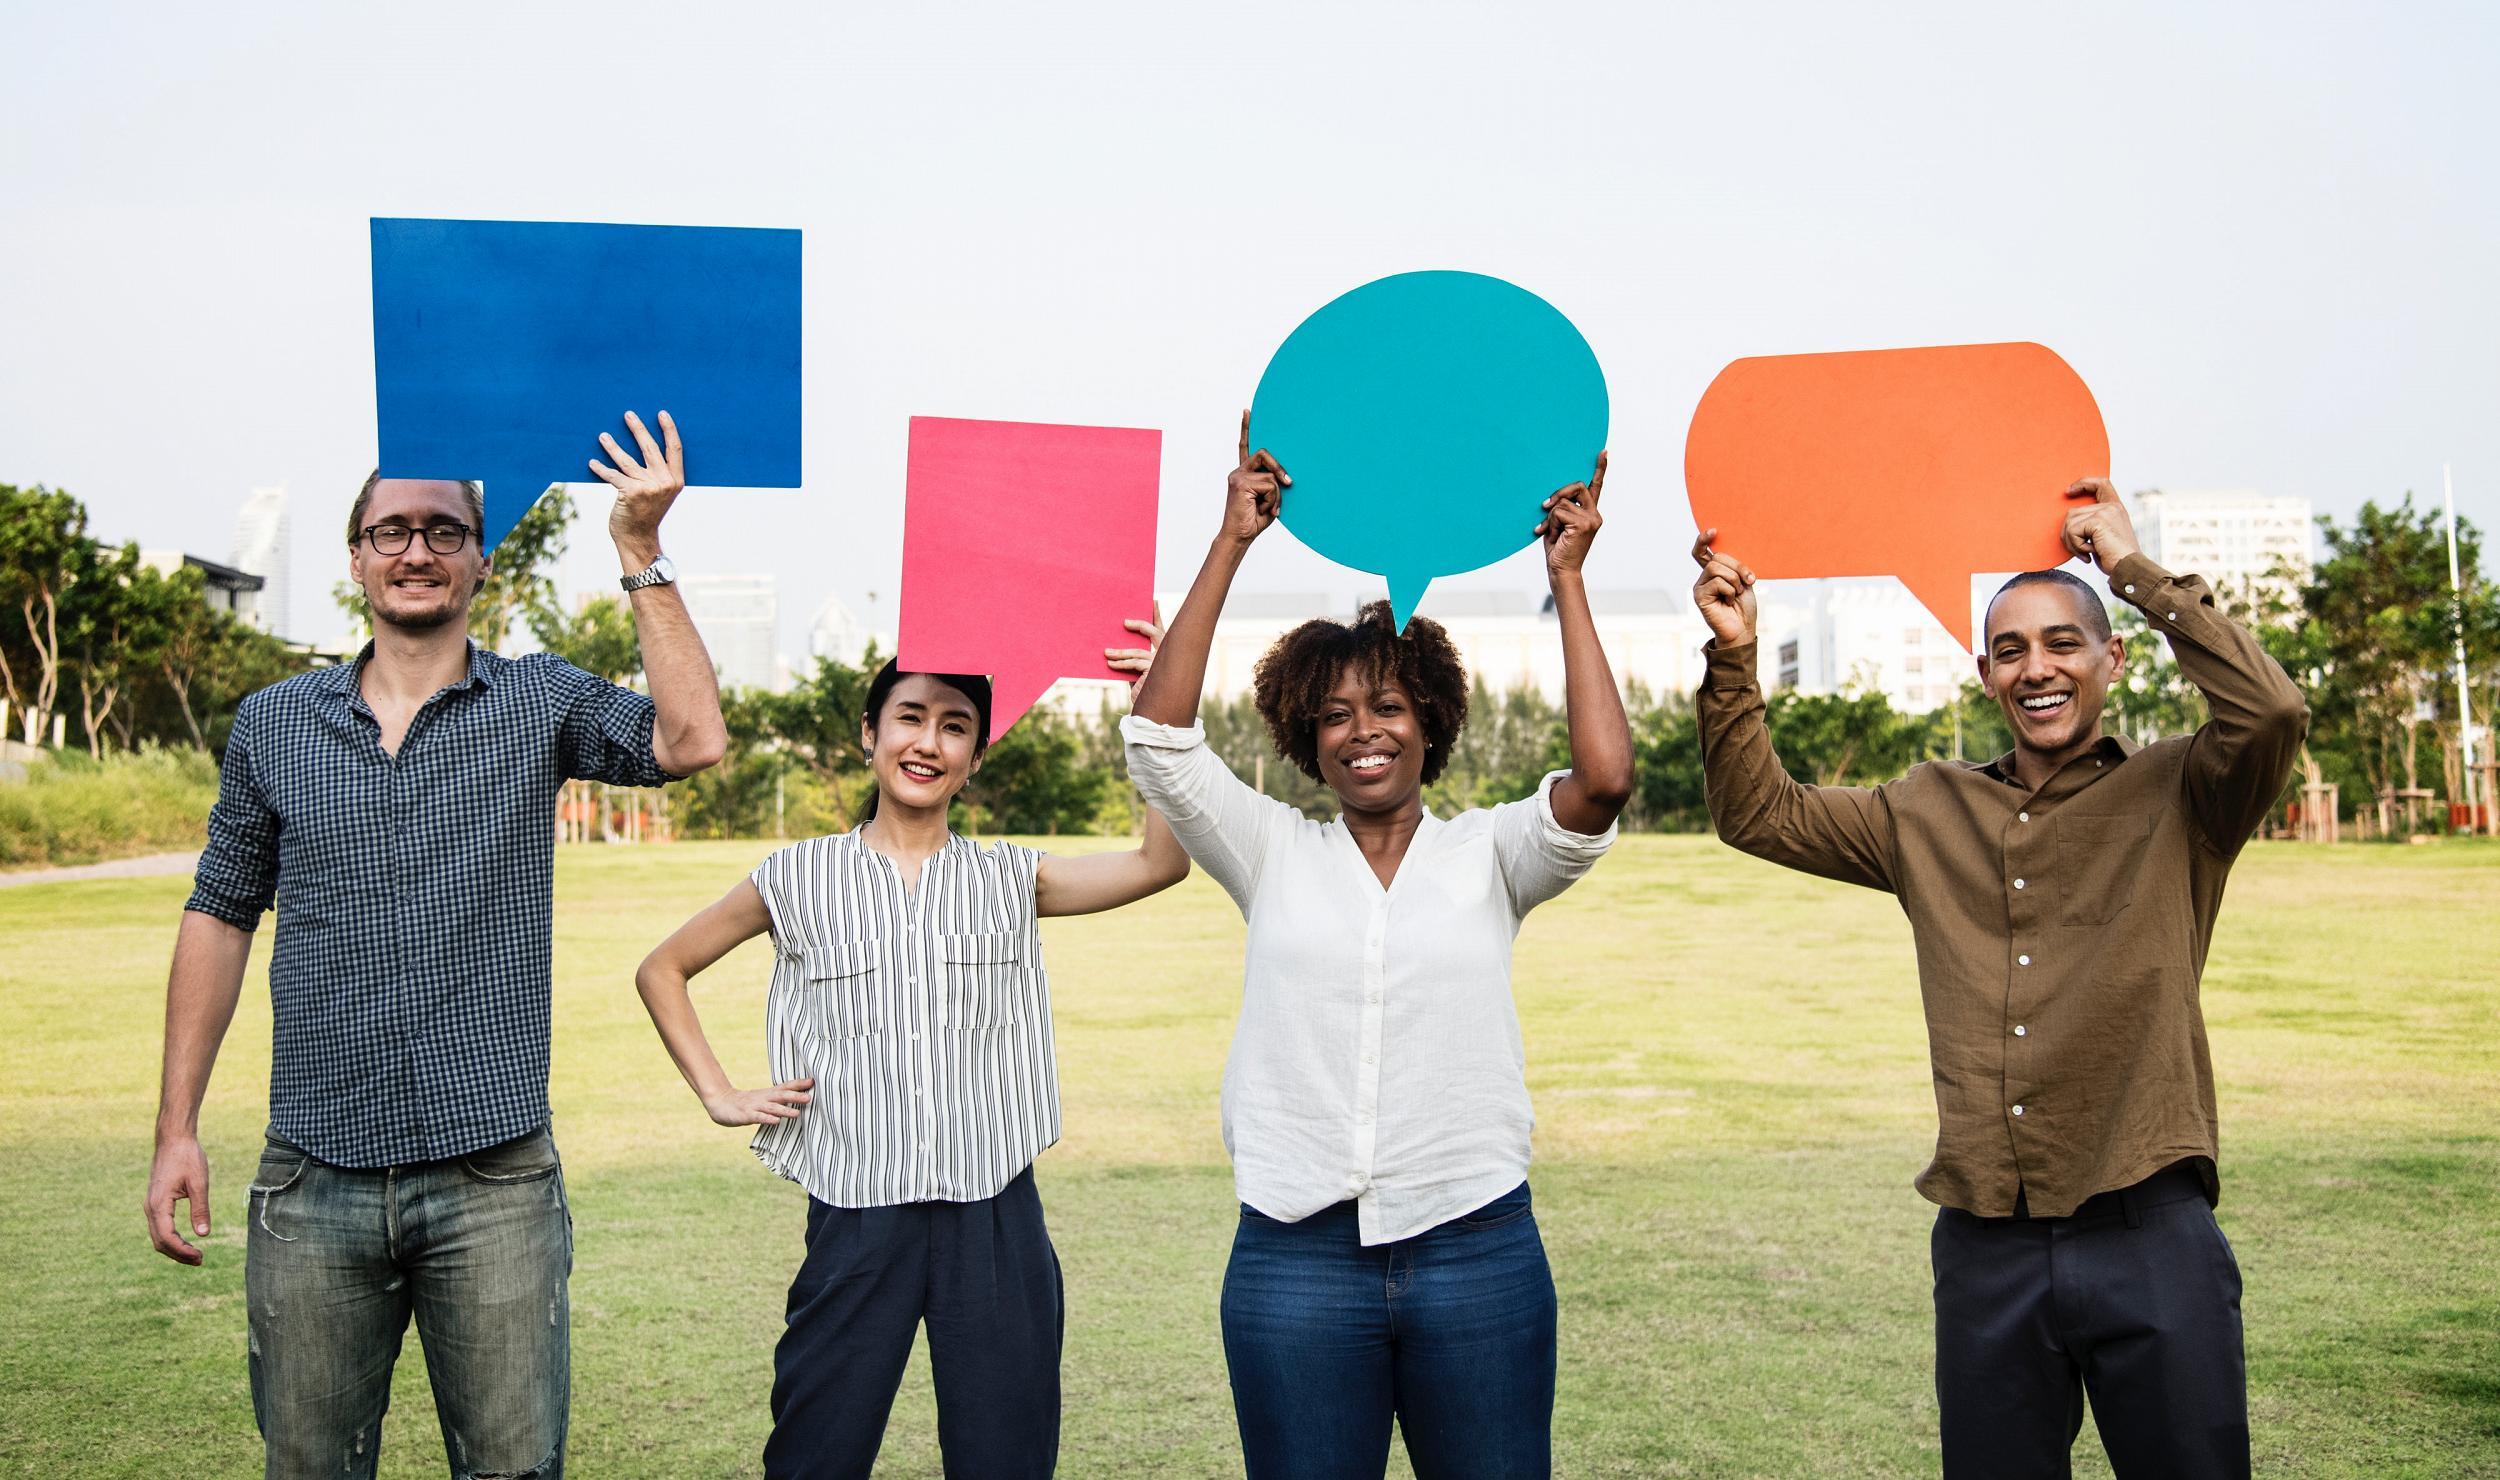 Diversität in der Startup-Szene? | Companisto Blog